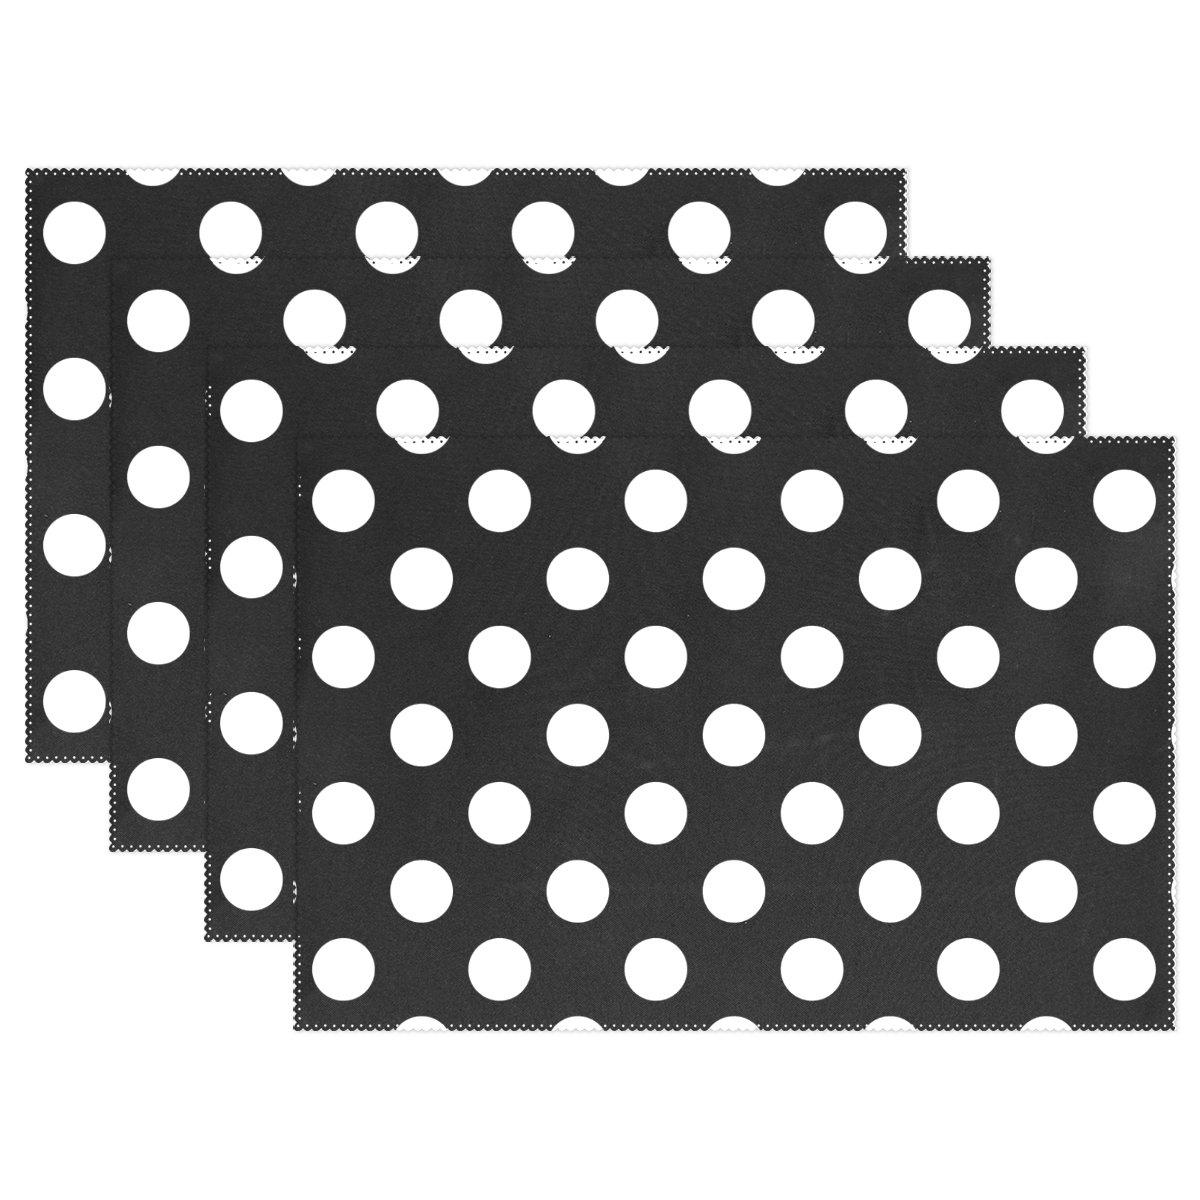 yochoiceヒップスターカラフルなスポットブラックホワイトドット柄円プレースマットプレートホルダーのセット1、スタイリッシュなポリエステルテーブルの配置マットプロテクターキッチンダイニングルーム12